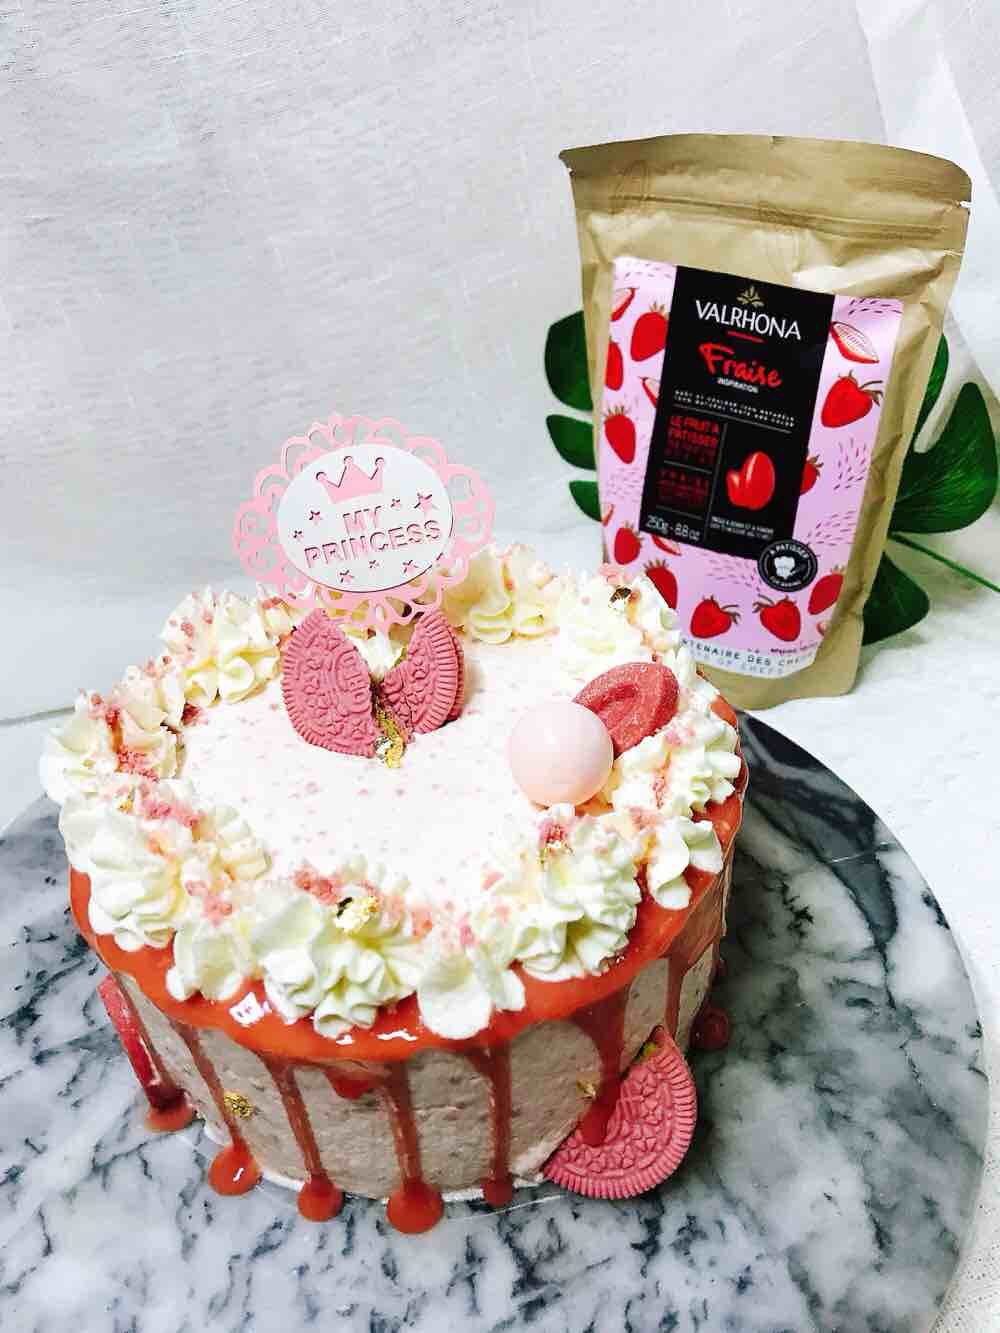 少女心爆棚的草莓巧克力淋面蛋糕